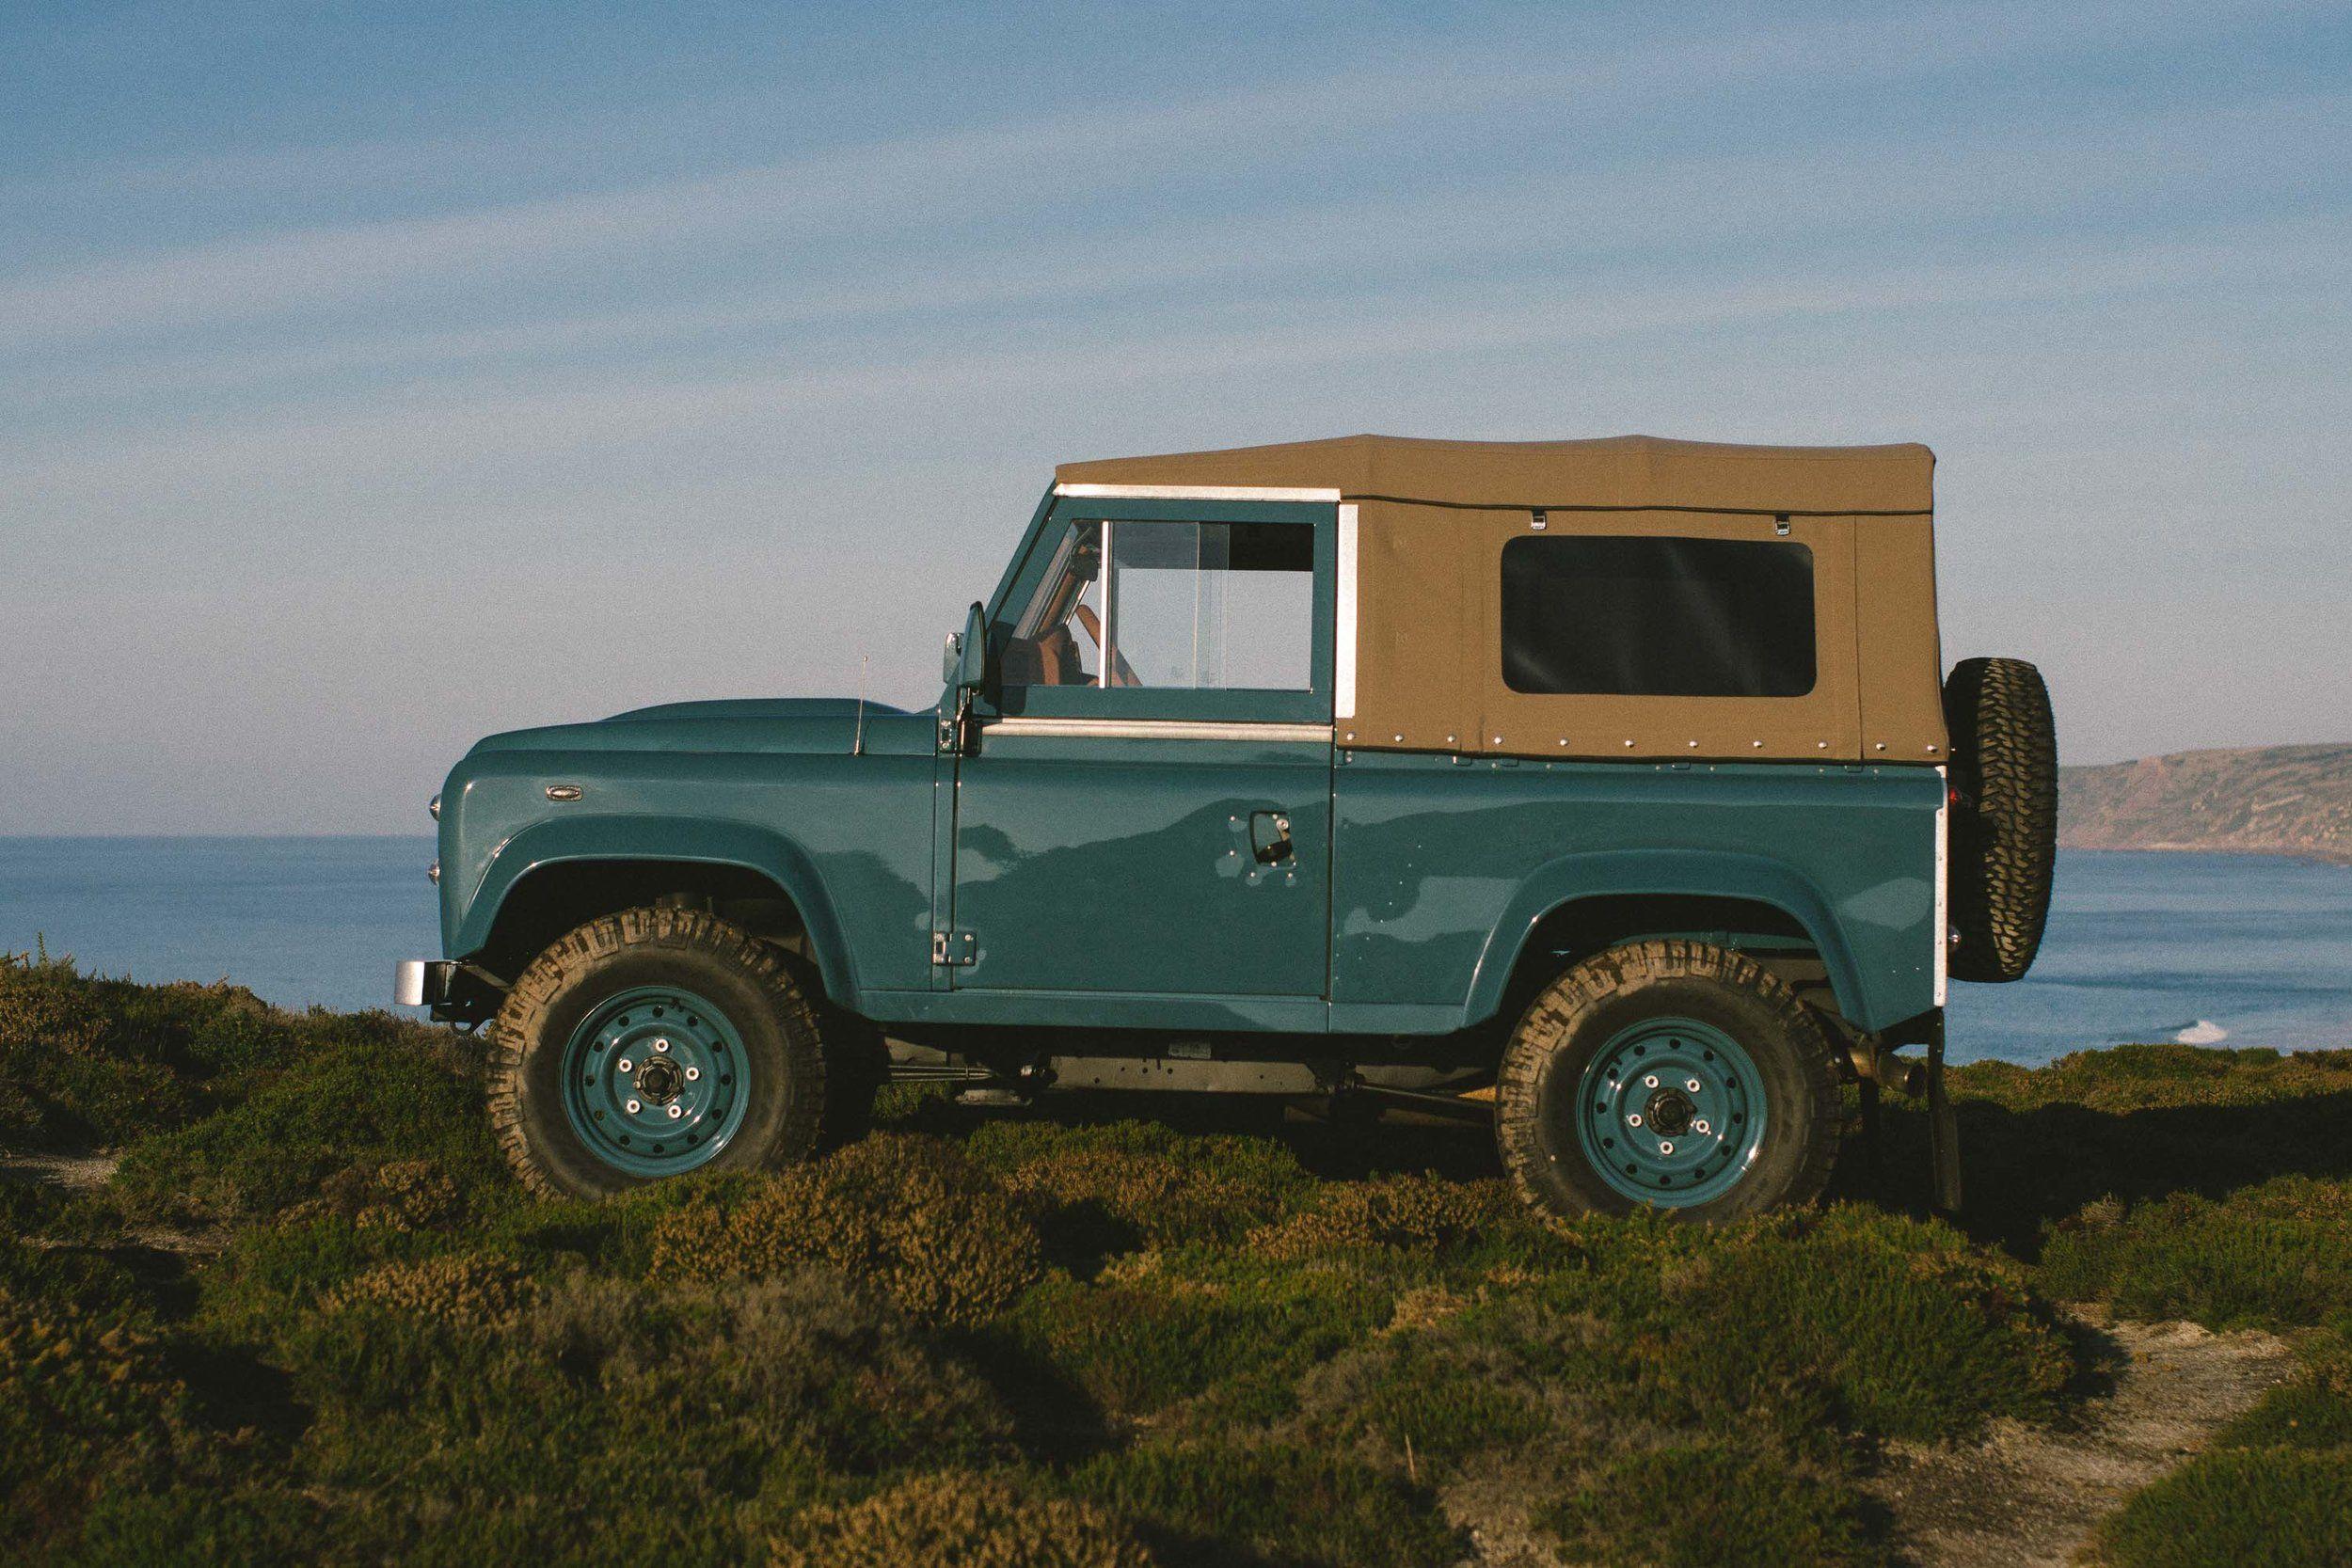 arles rover defender top lhd refurbished for defenders day landrover front pin open soft left td pinterest sale blue land